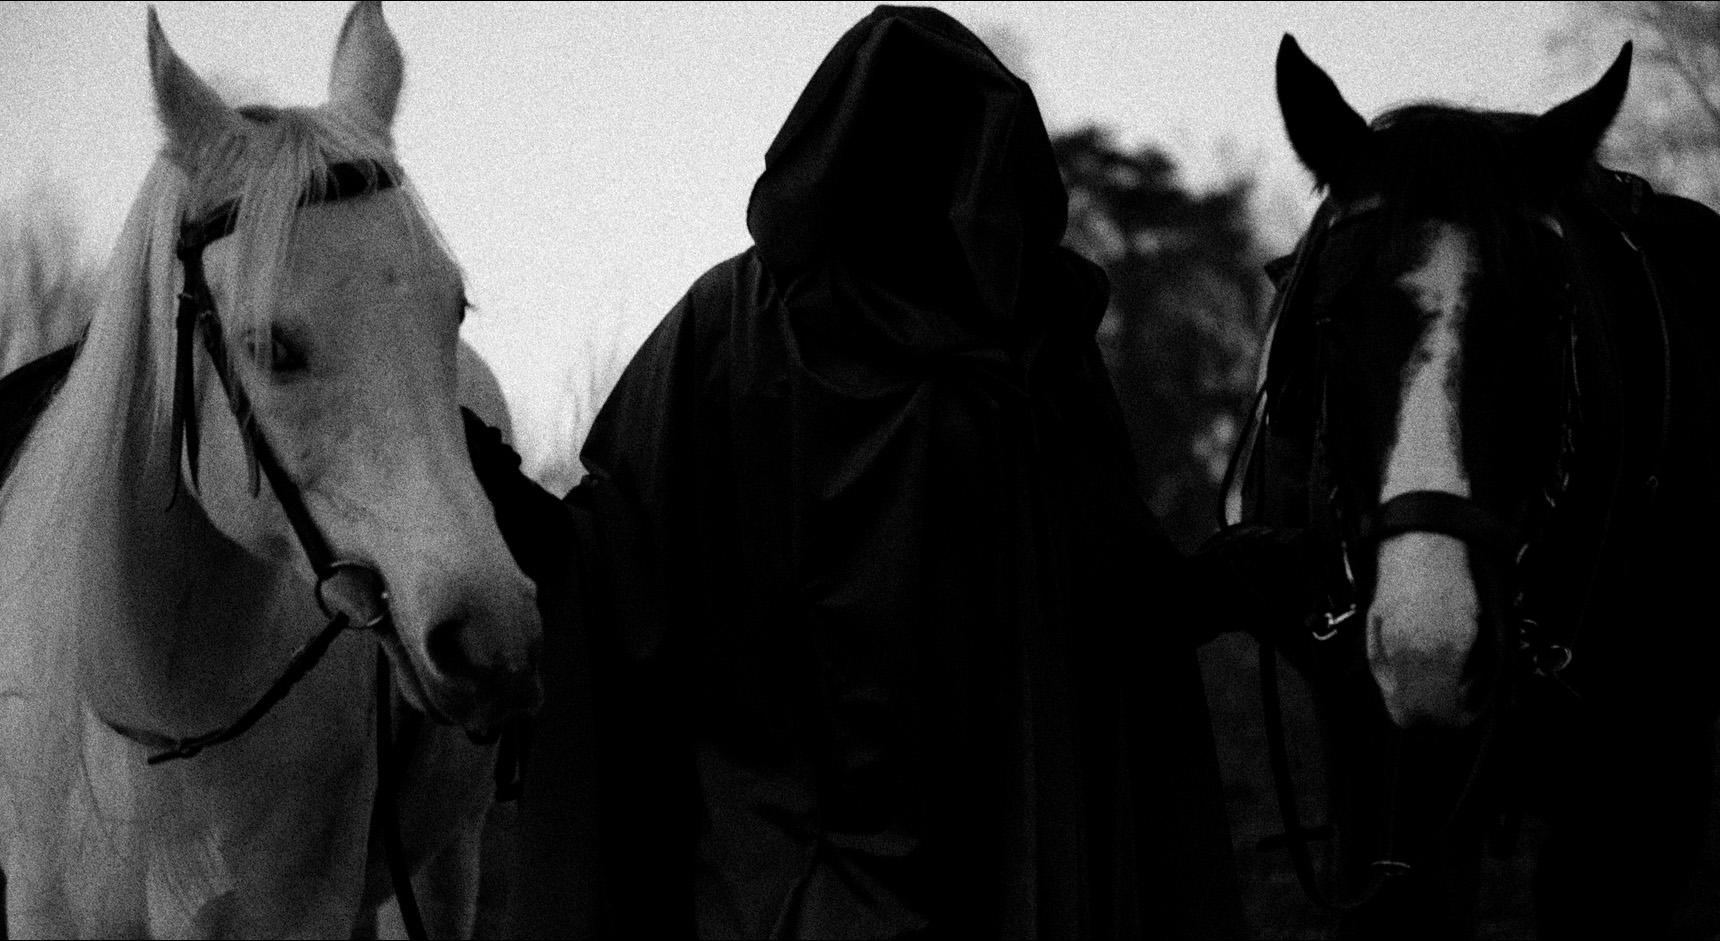 Bilde fra musikkvideoen - person med hette går med to hester